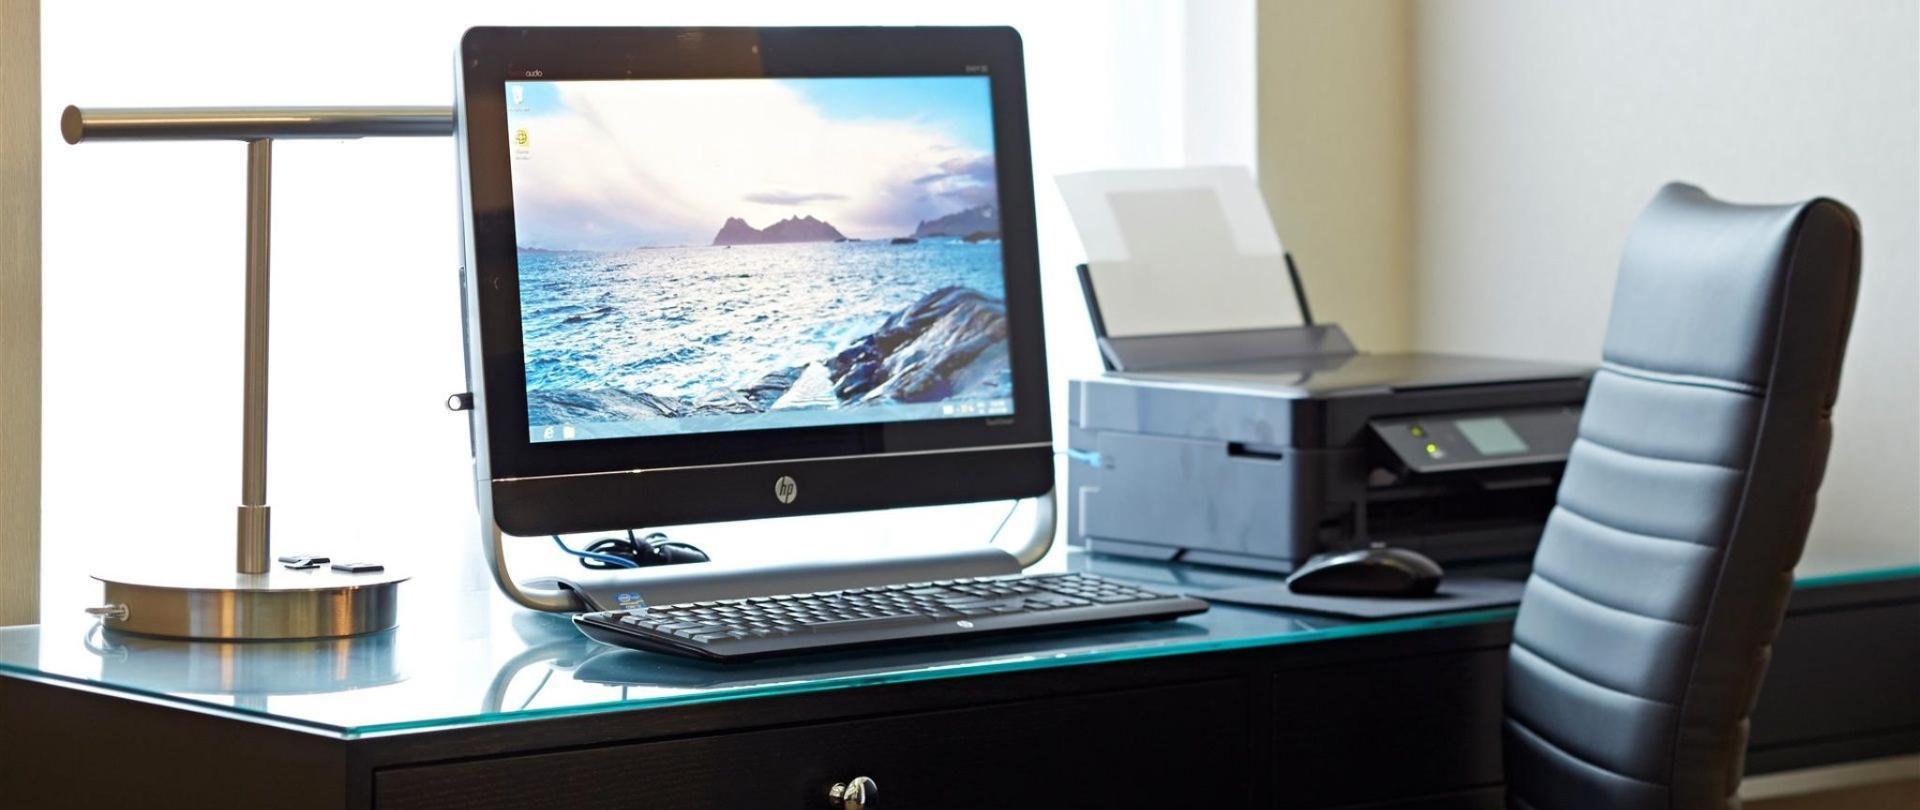 computer-work-station.jpg